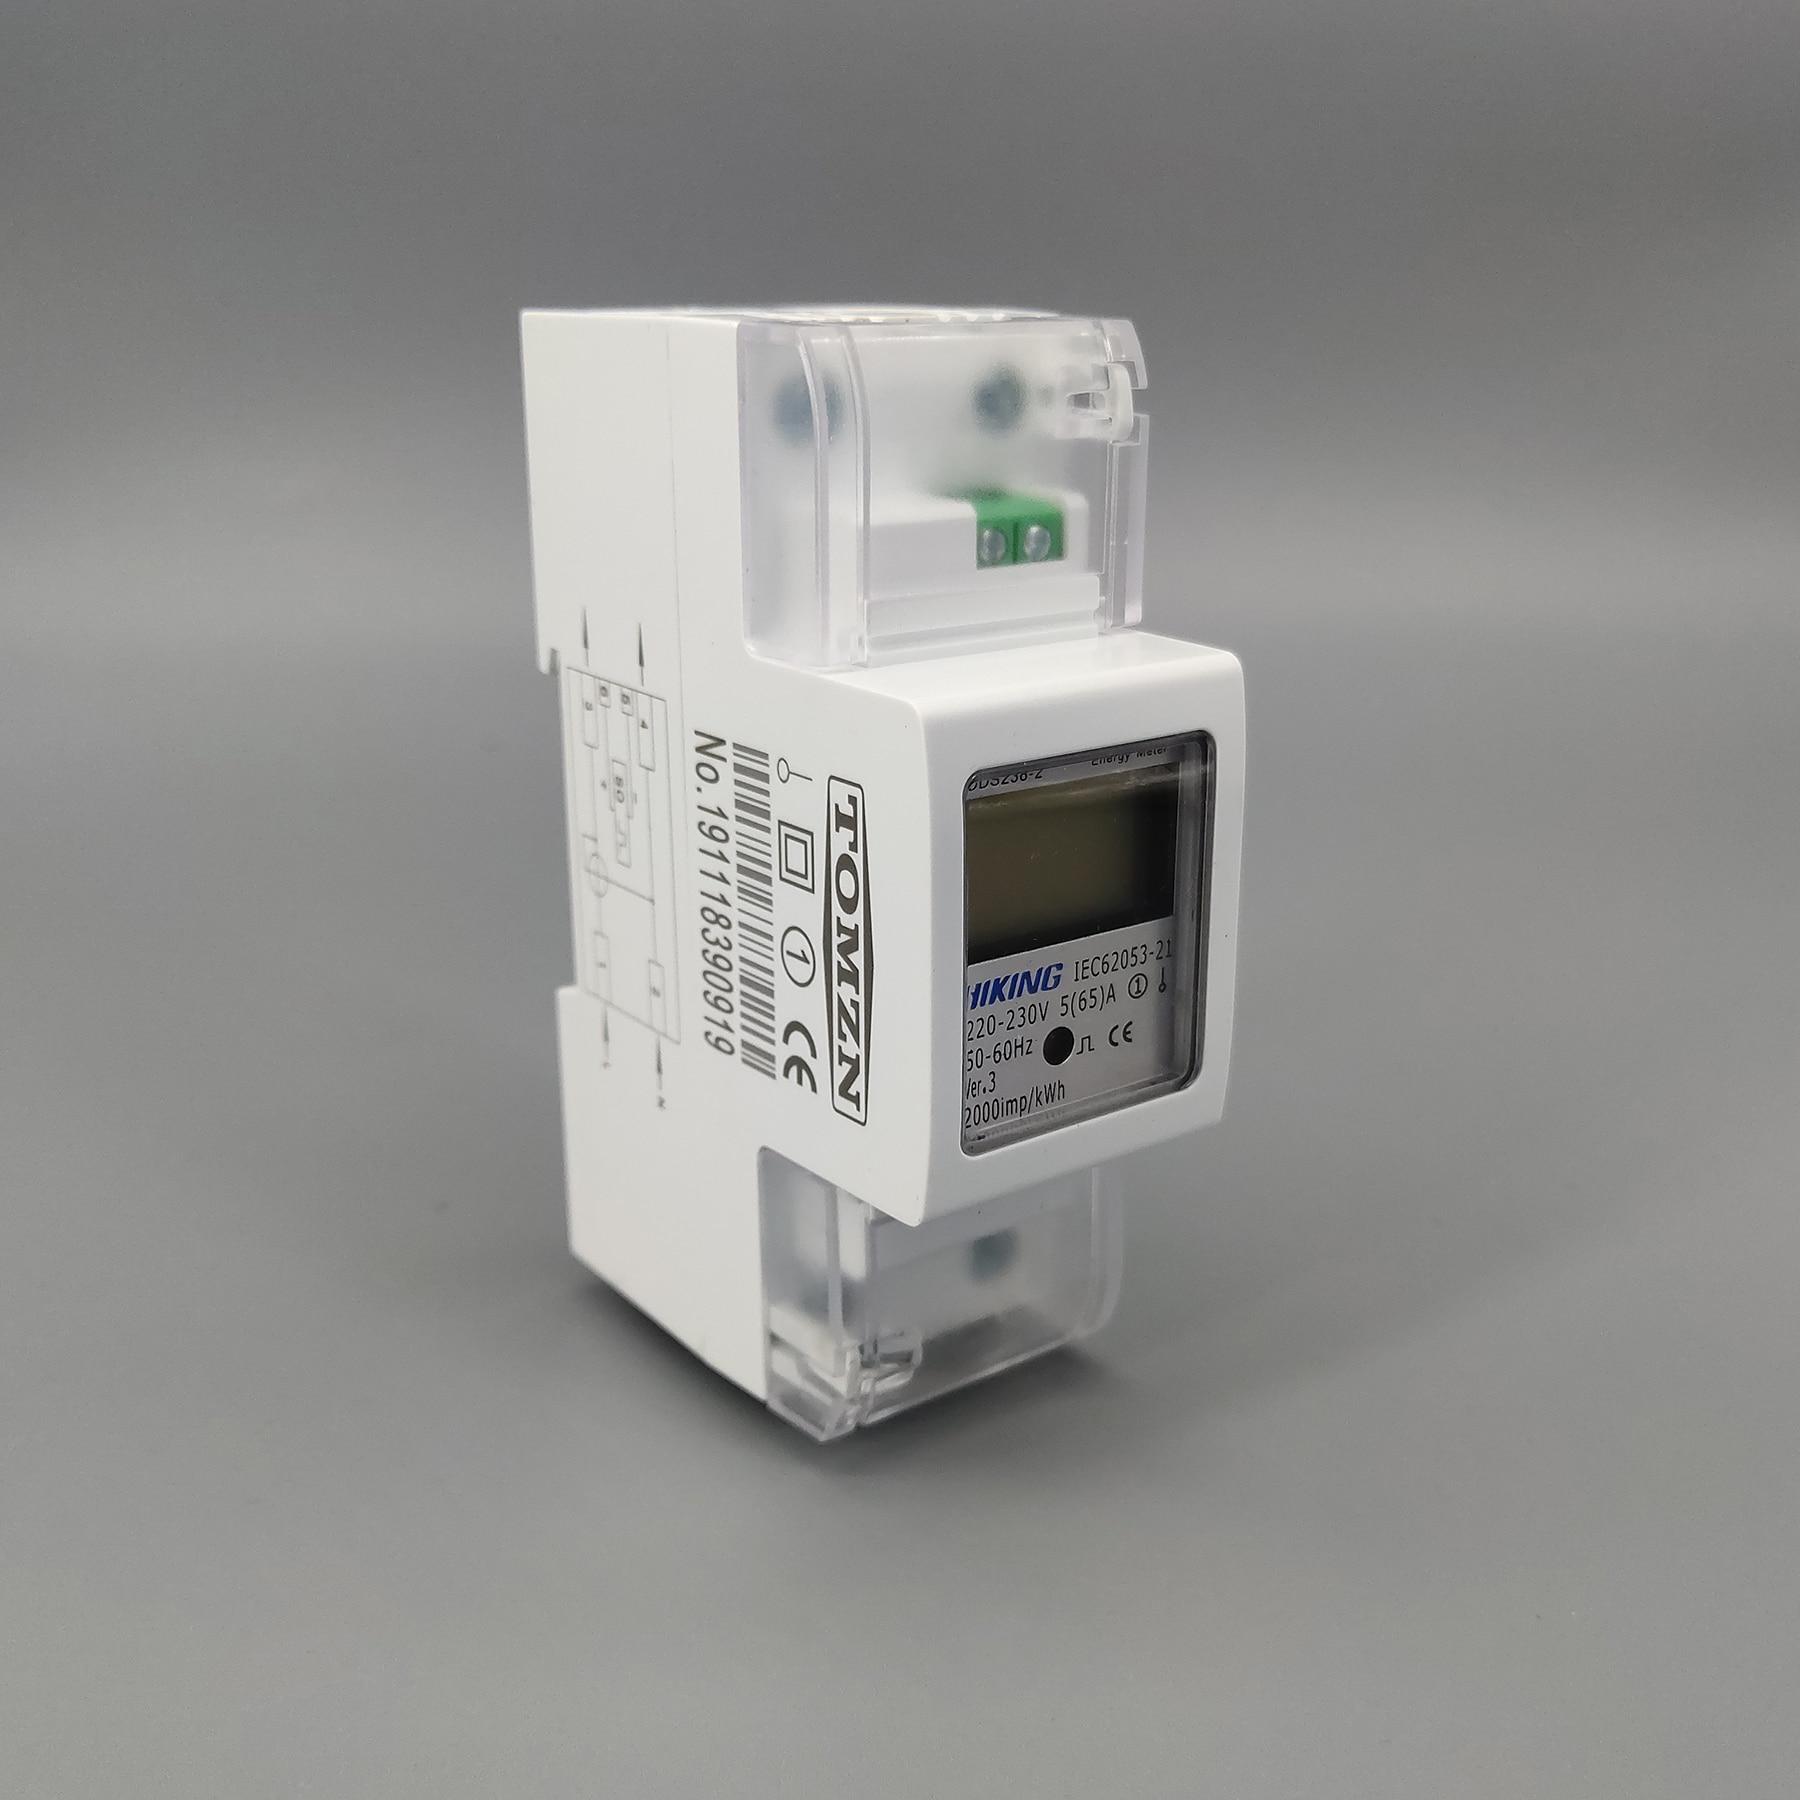 Meter] 5(65)A 220V 230V 50HZ 60HZ DDS238-2 Single Phase Din